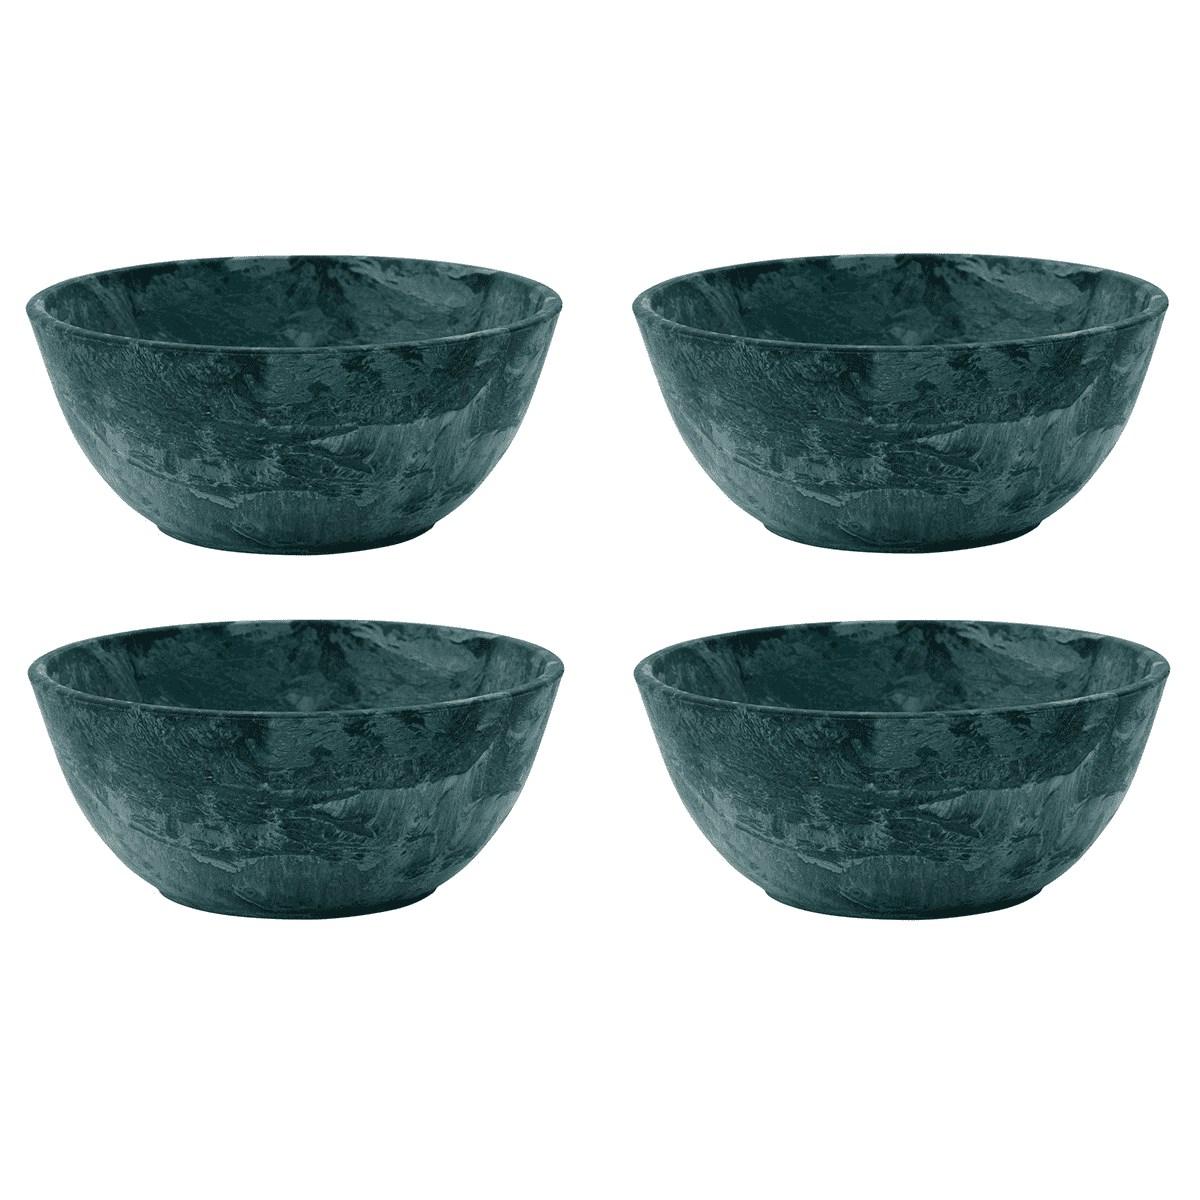 Set de bols marbrés en résine verte - Lot de 4